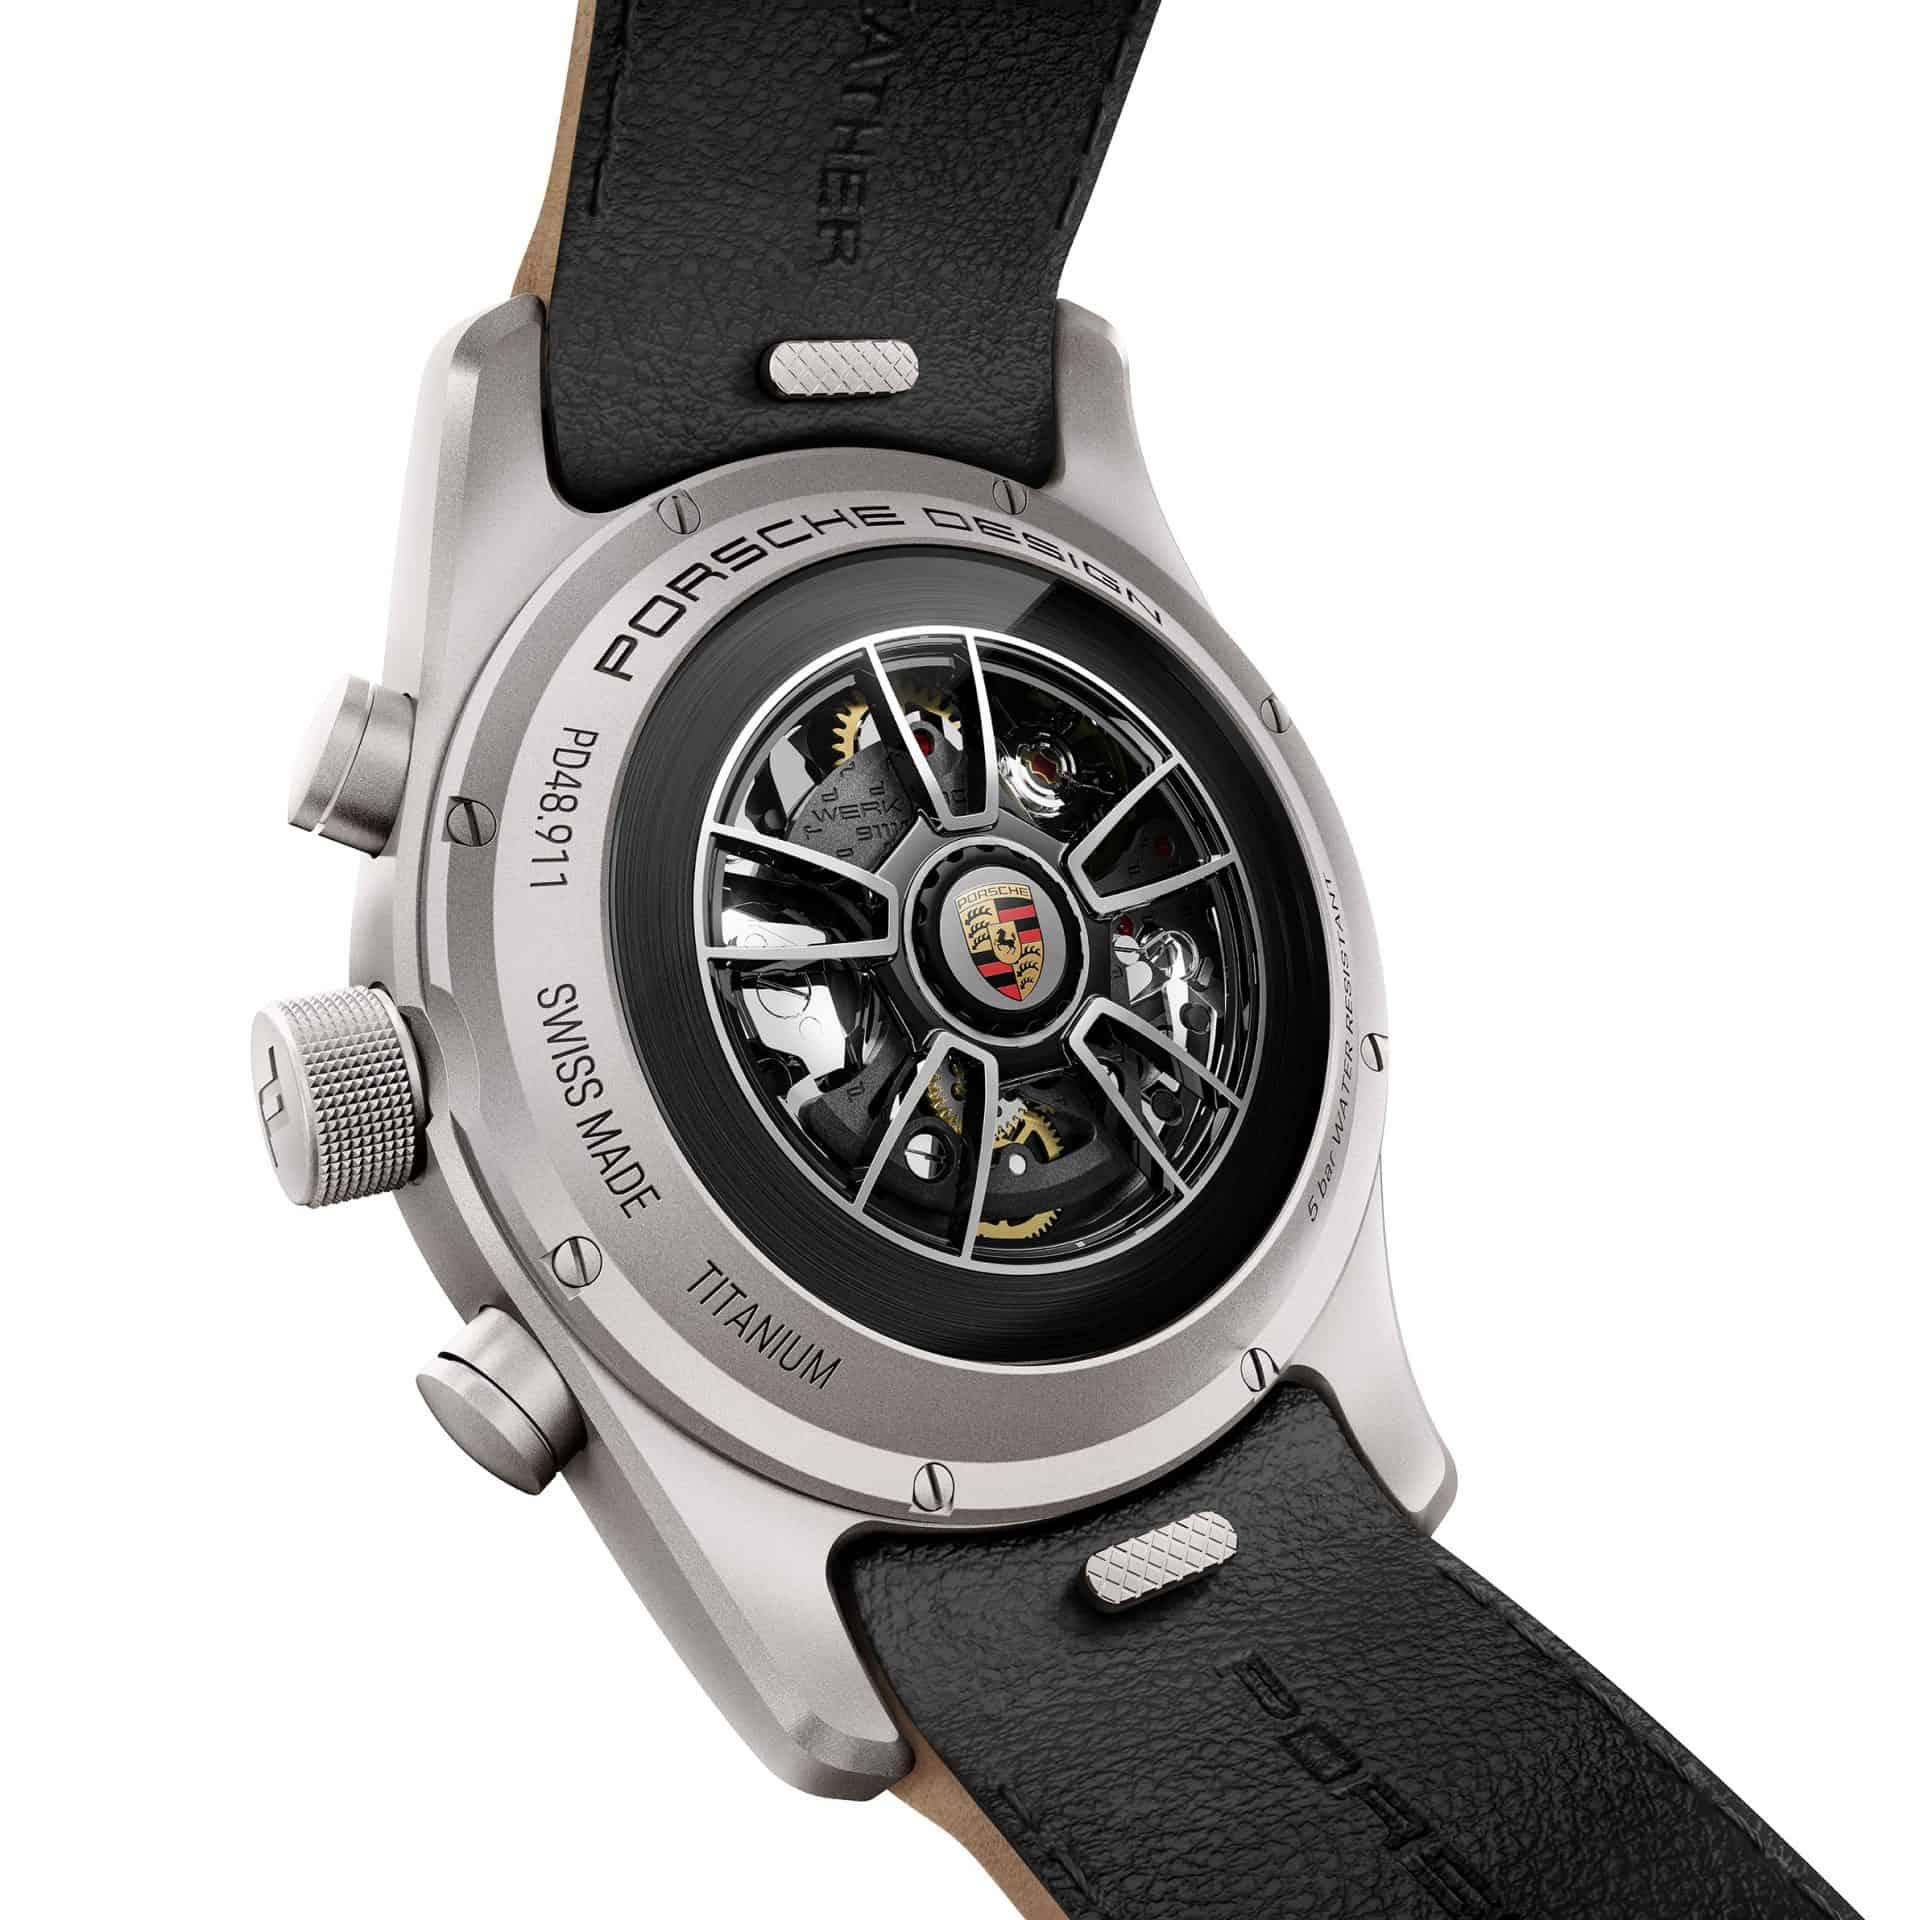 Der Porsche Design Chronographen Rotor kommt nach dem Vorbild des Porsche 911 Mojave Beige